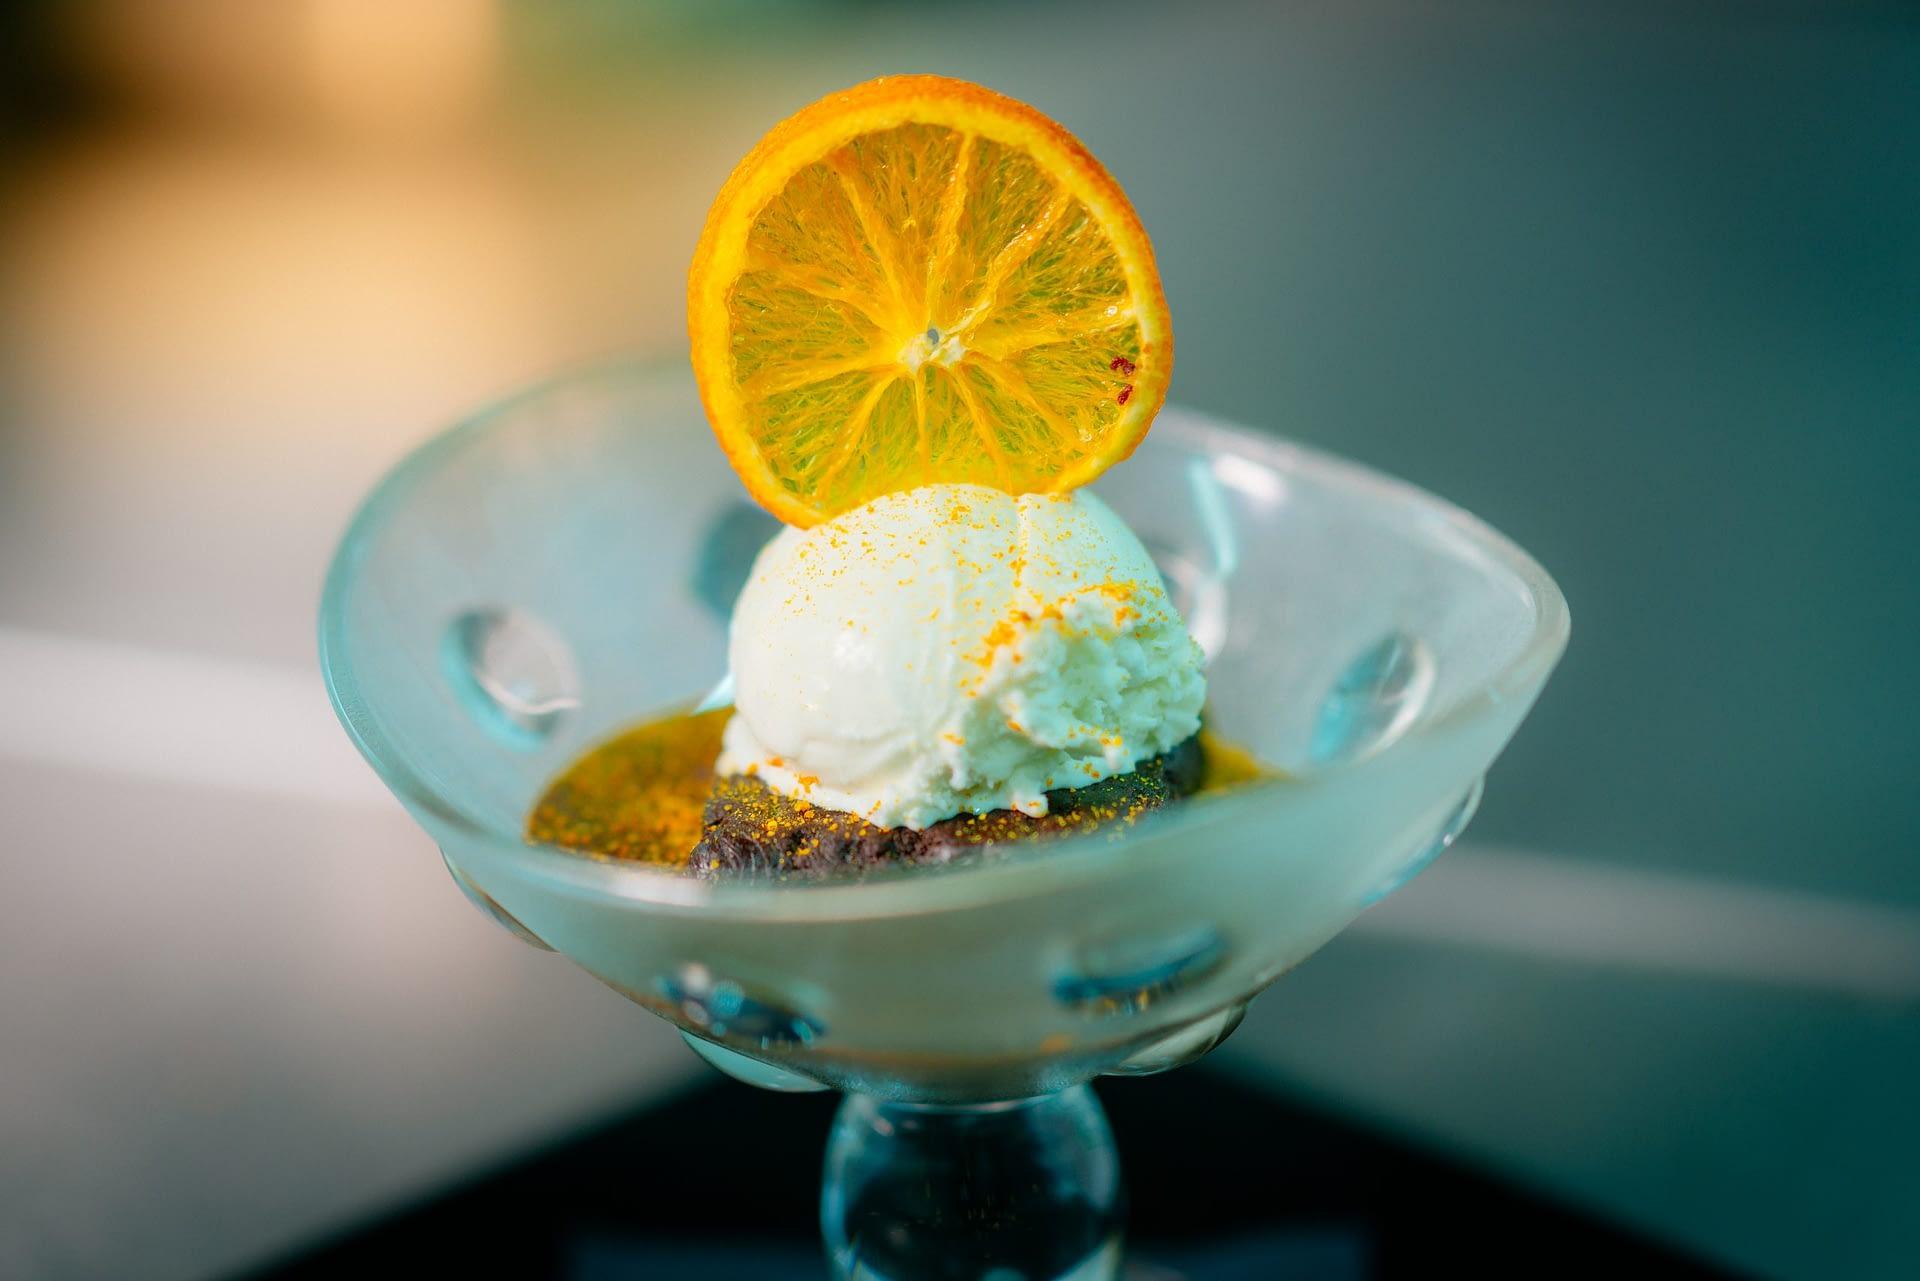 Pierluigi Cavarra - fotografia Productos & food .- ice cream